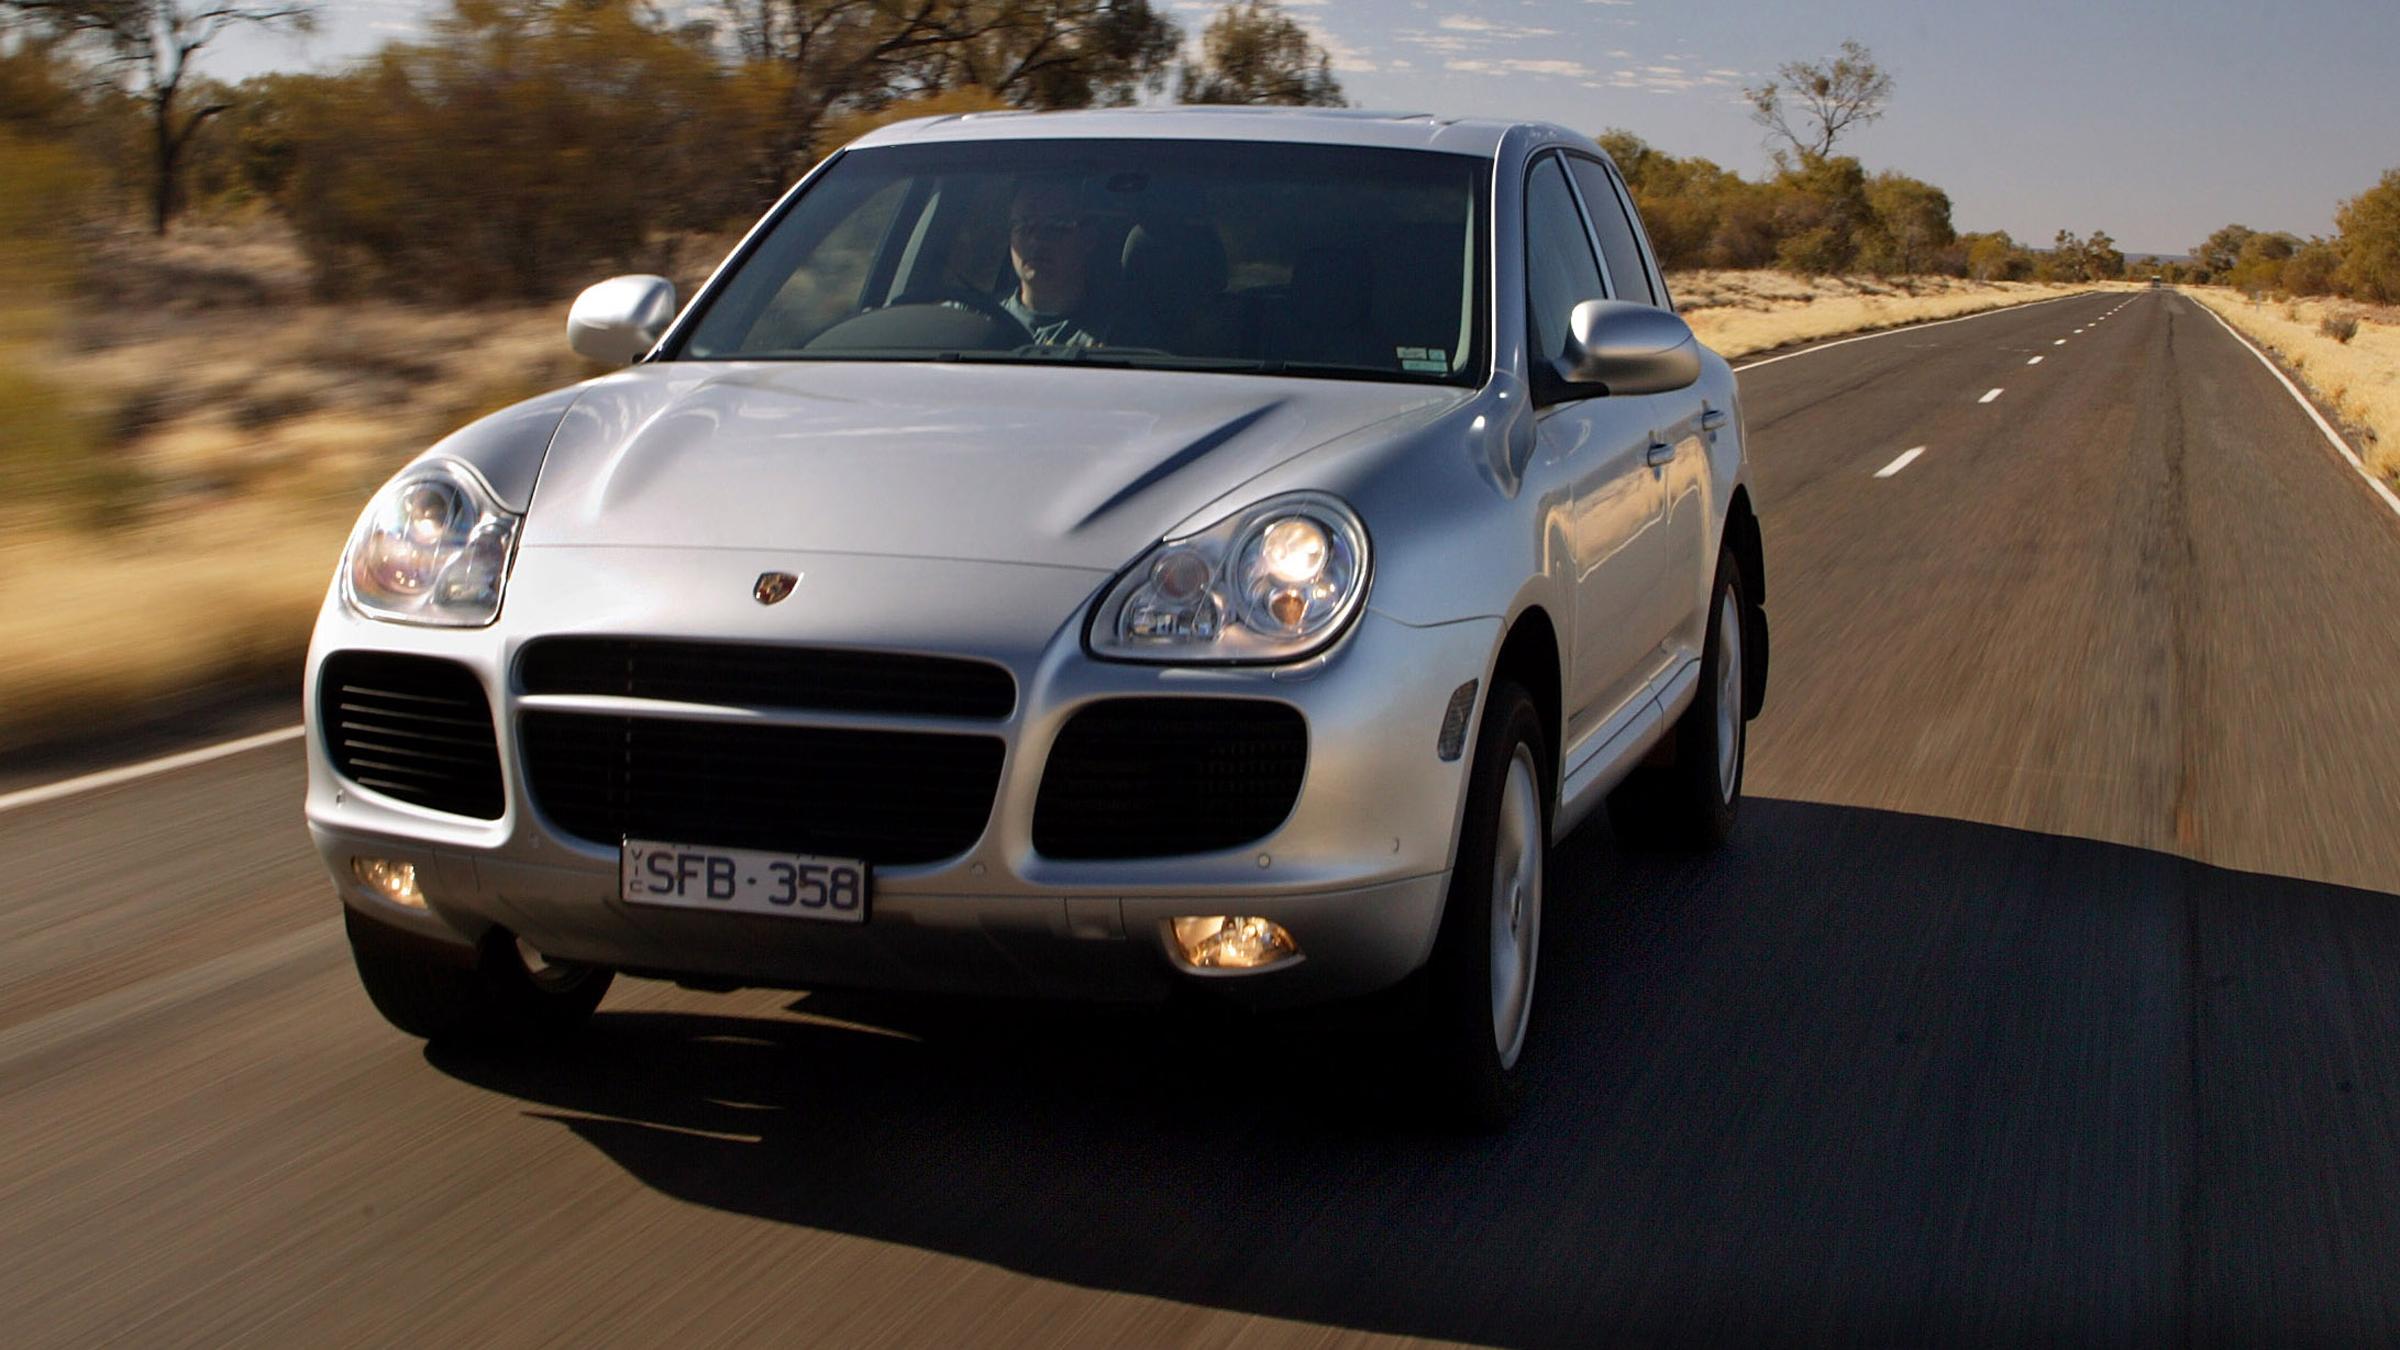 2003 Porsche Cayenne.